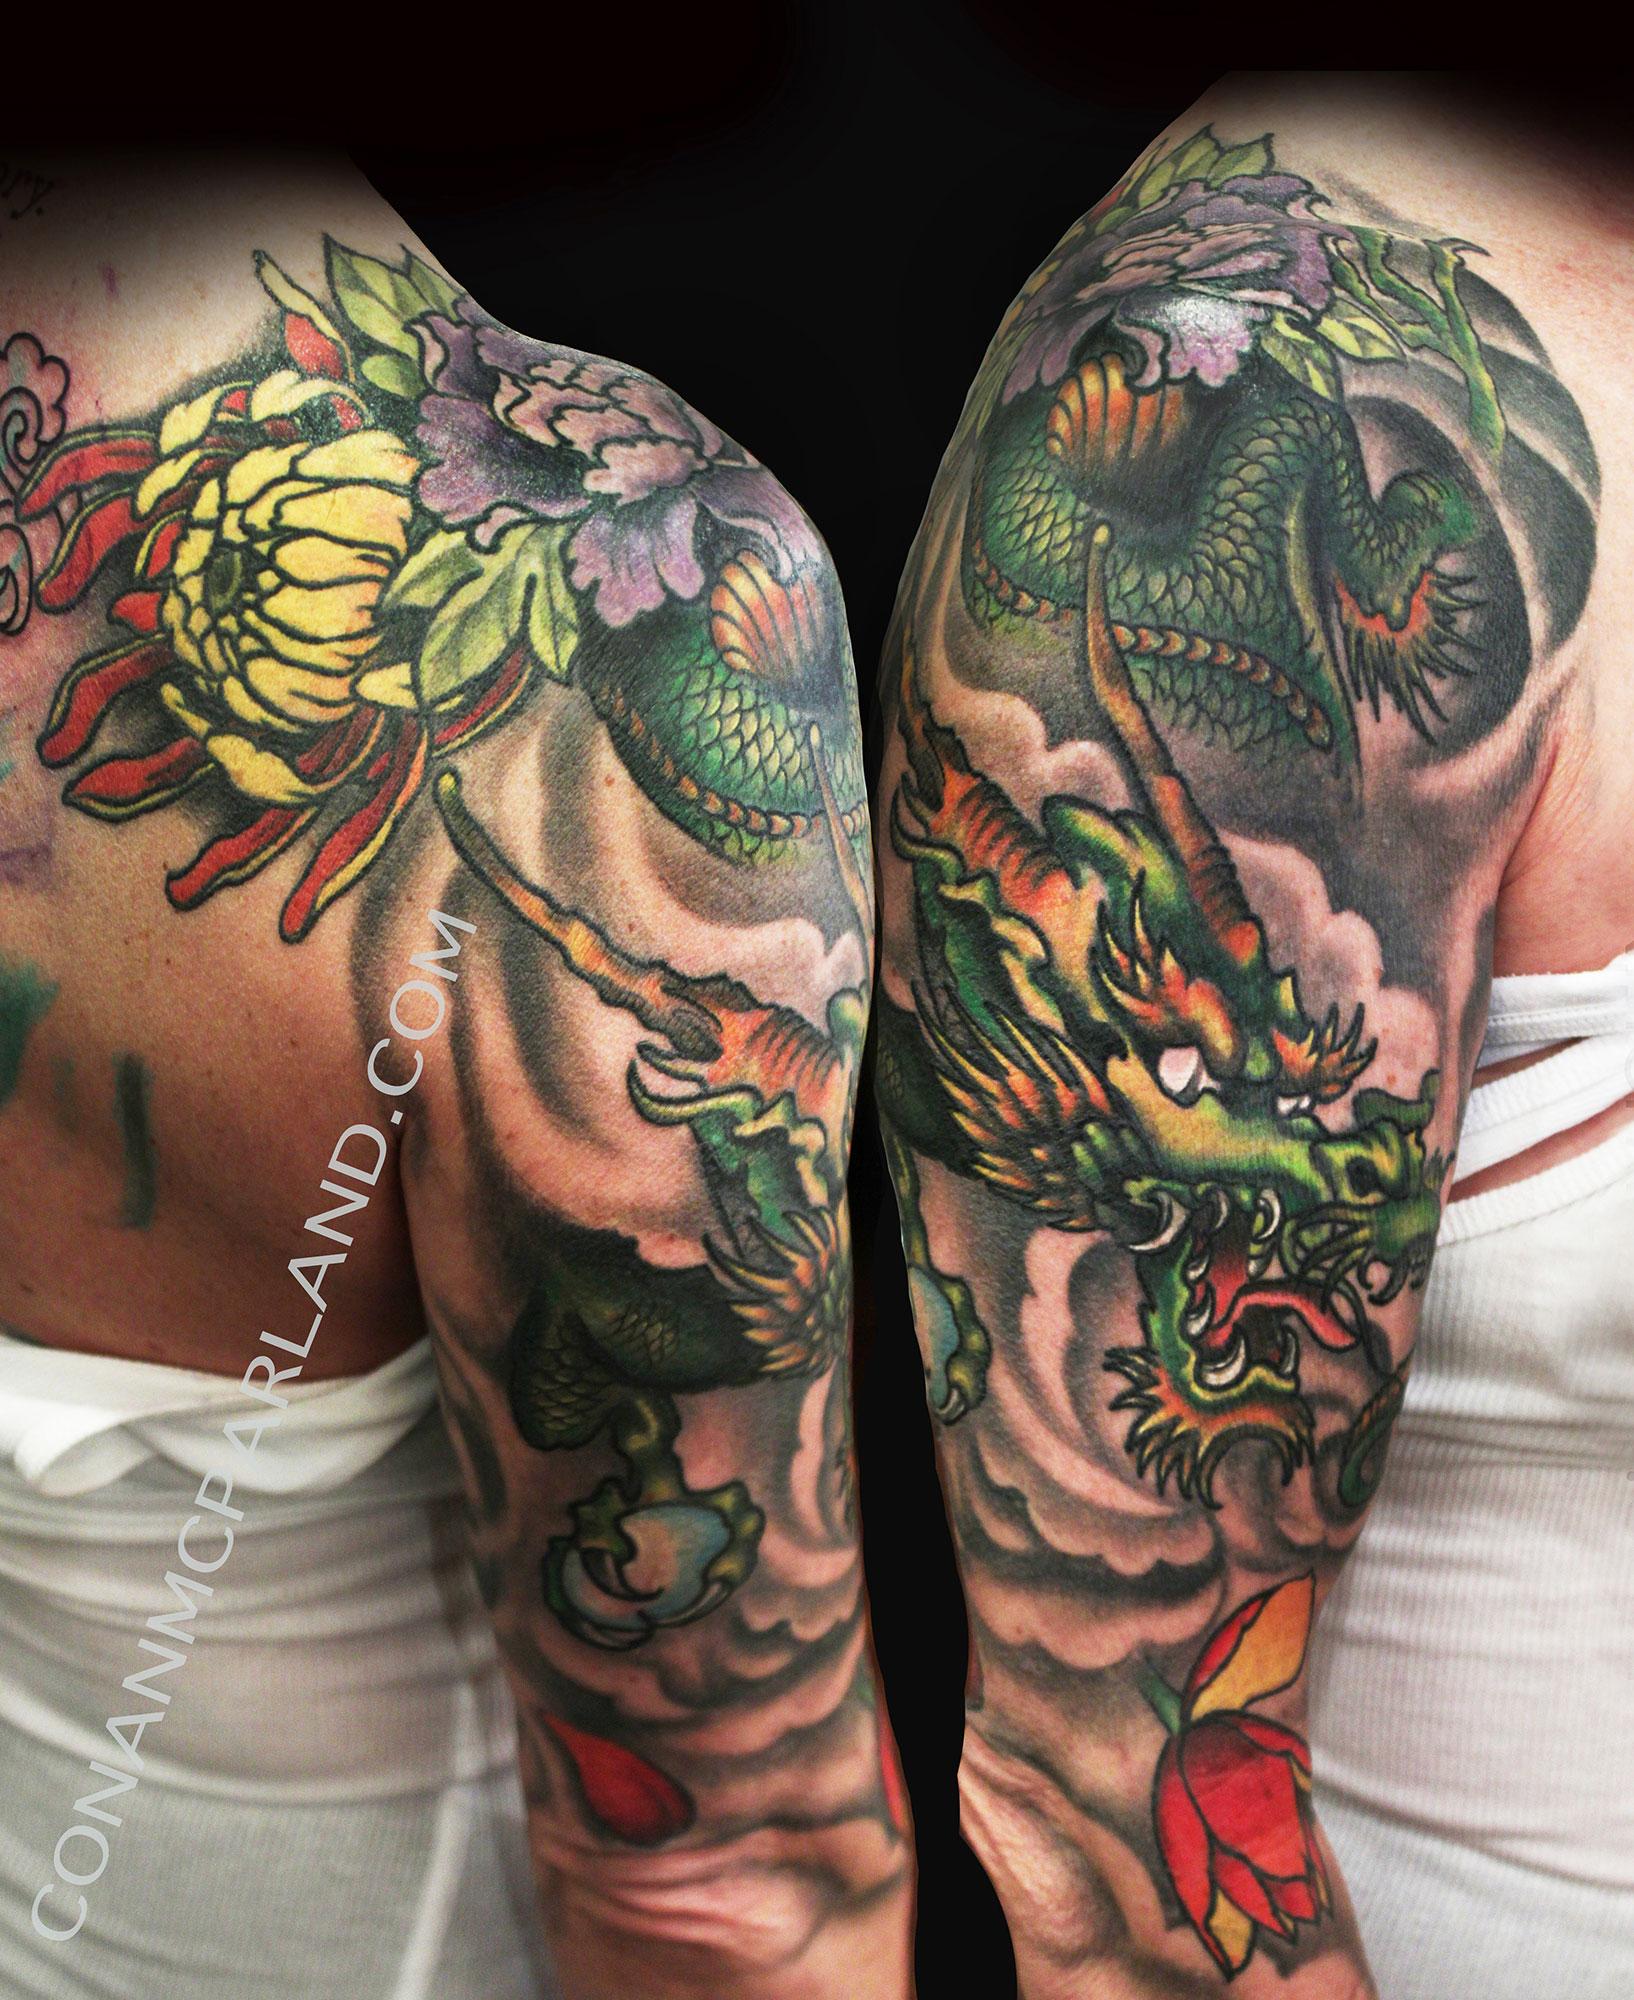 Charlotte, NC Tattoo Artist | Conan McParland